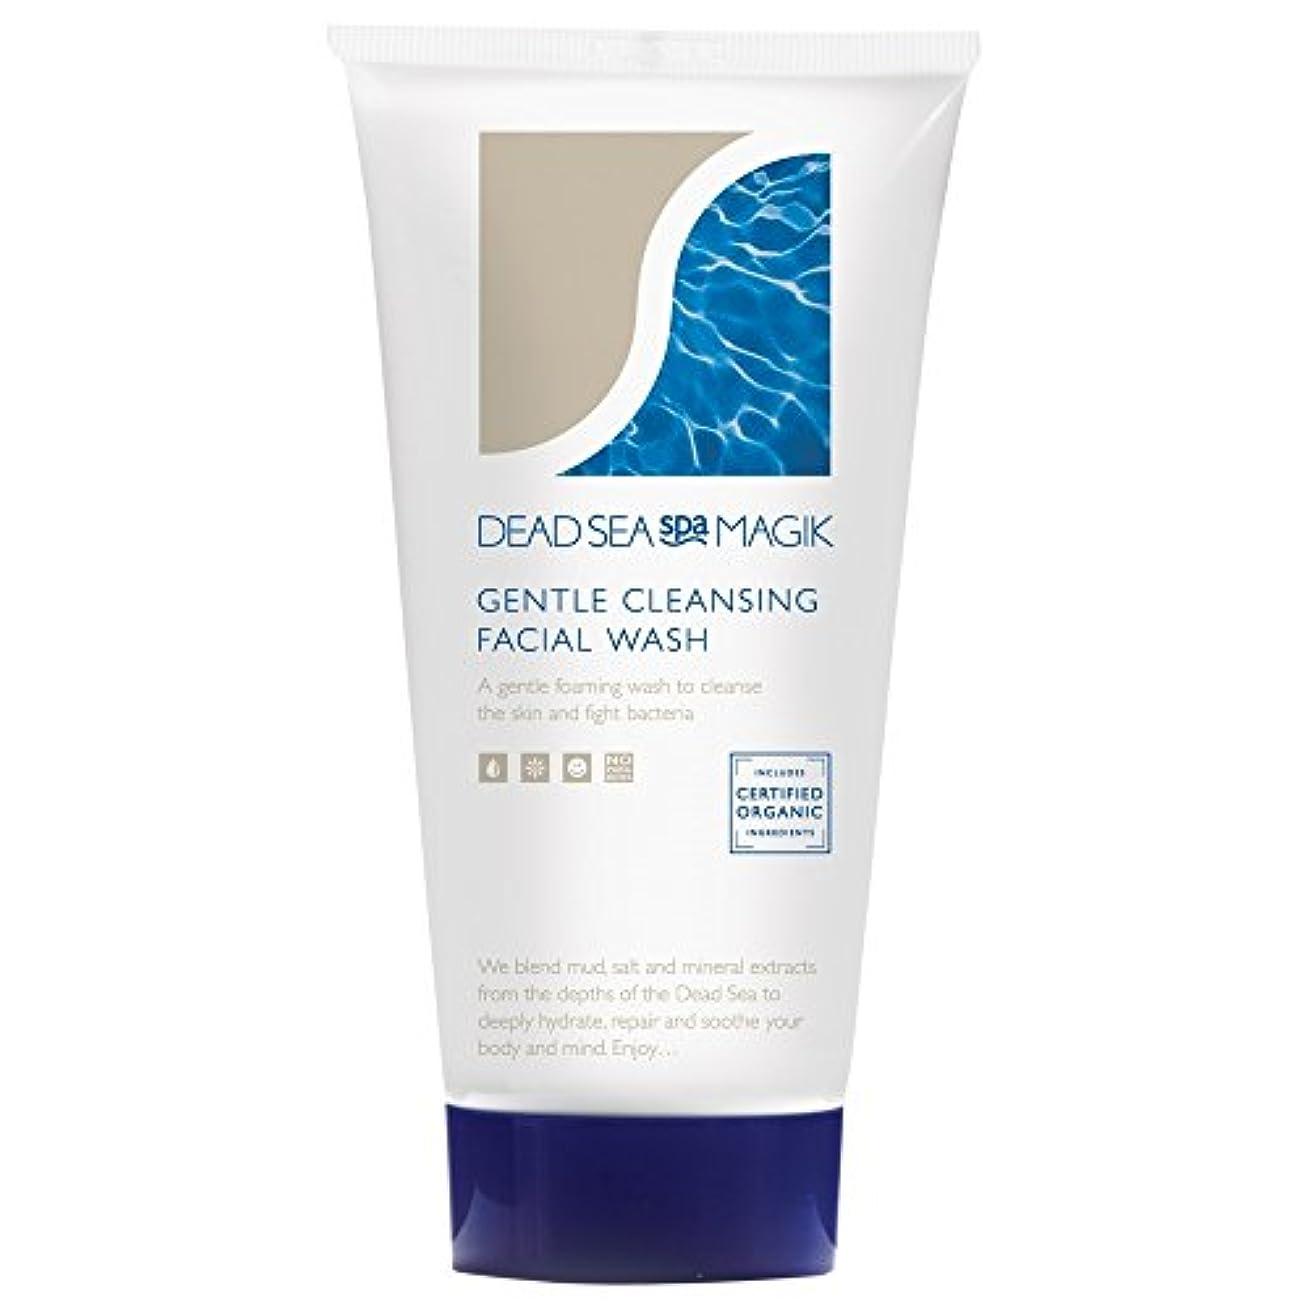 最もパークフィードバック死海のスパマジック洗顔料、150ミリリットル (Dead Sea Spa Magik) (x2) - Dead Sea Spa Magik Facial Wash, 150ml (Pack of 2) [並行輸入品]